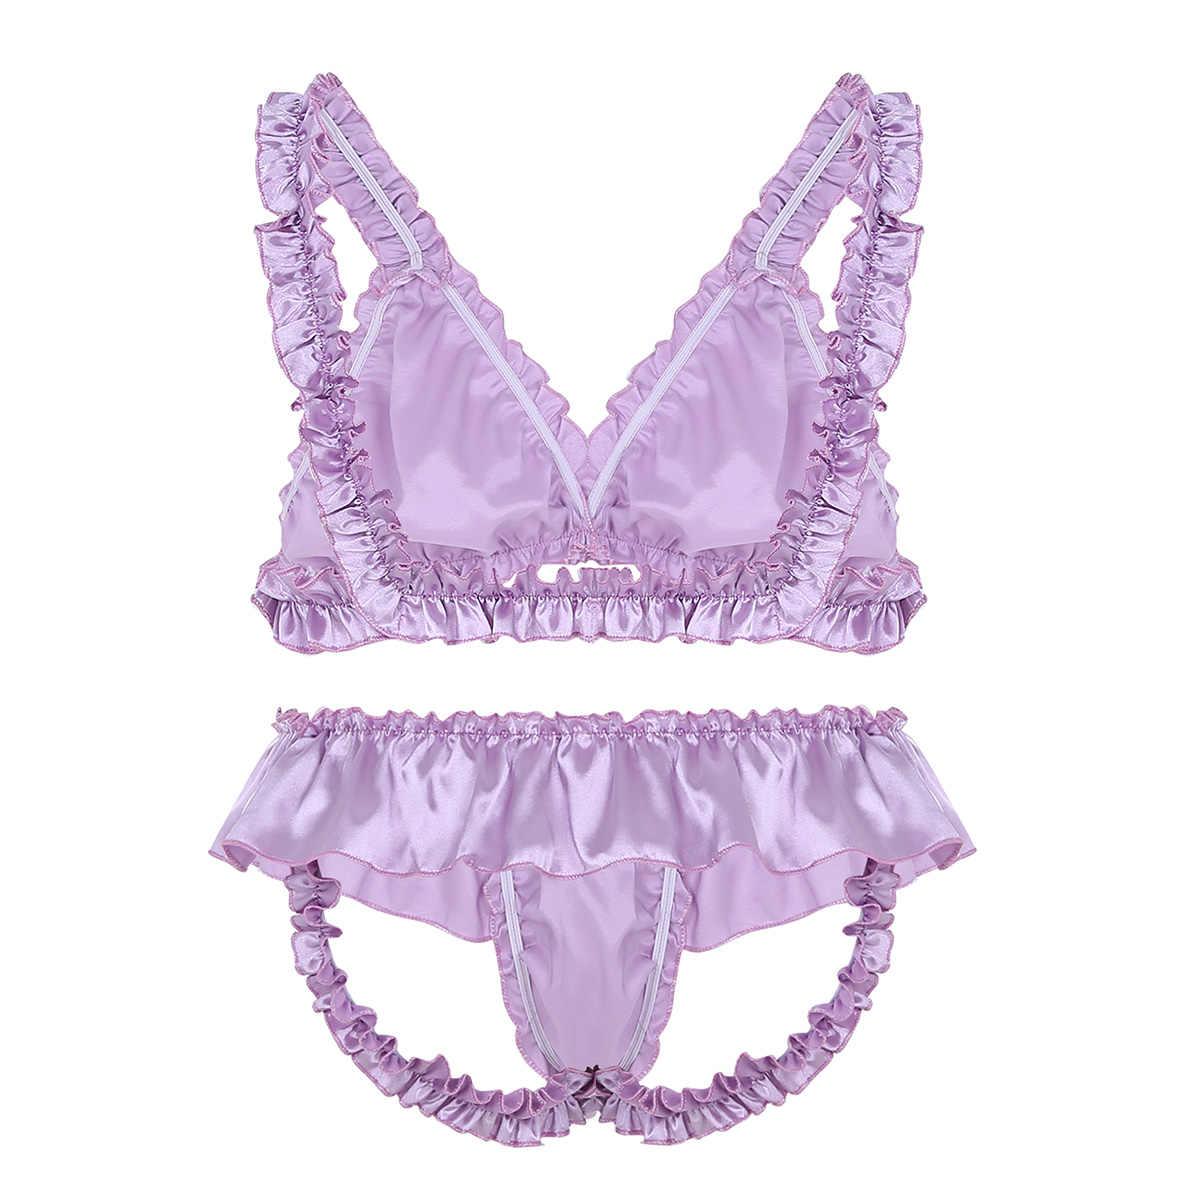 Sexy Homo Mannen Ondergoed Set Bikini Beha Top met Blote Bum Slips Mannen Sexy Skirted Onderbroek Lingerie Sissy Dame Jongen cross Dress